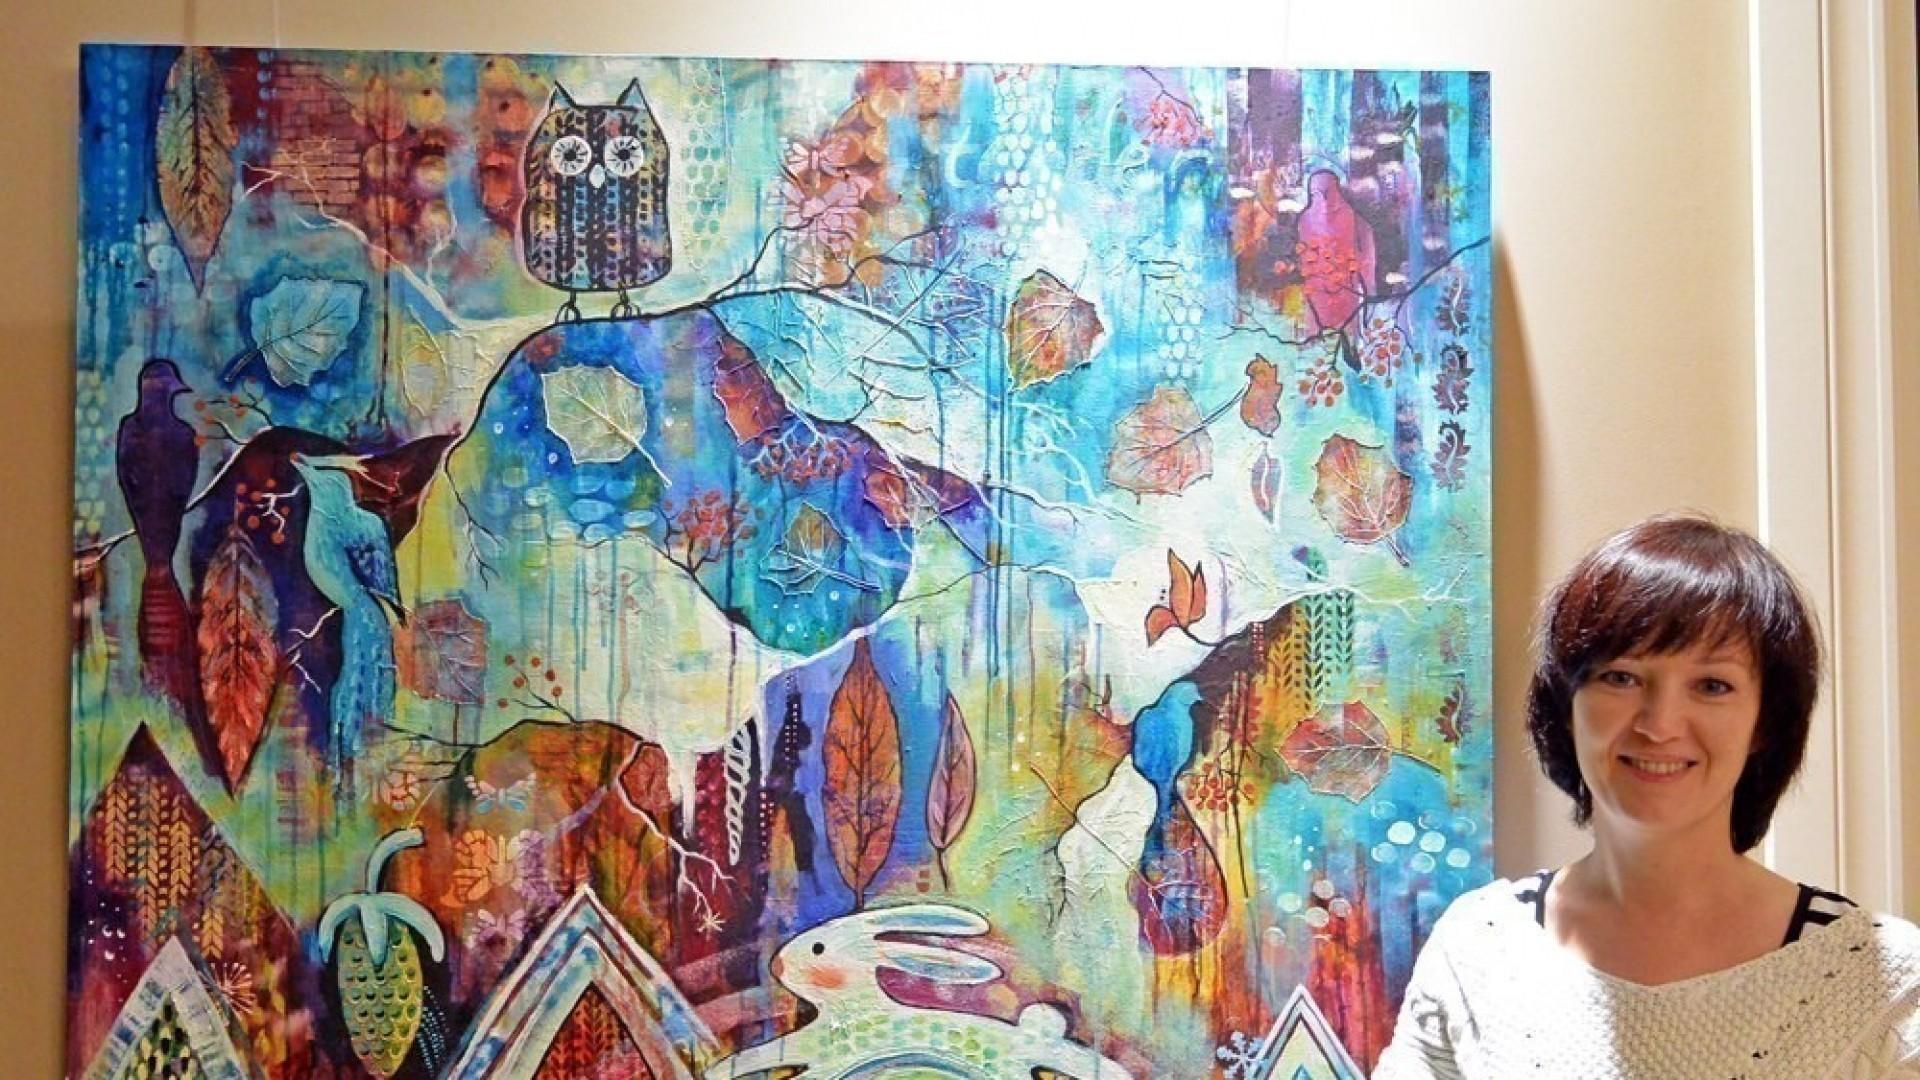 Художник Марианна Очира: «Интуитивная живопись — это импровизация, игра, приключение»